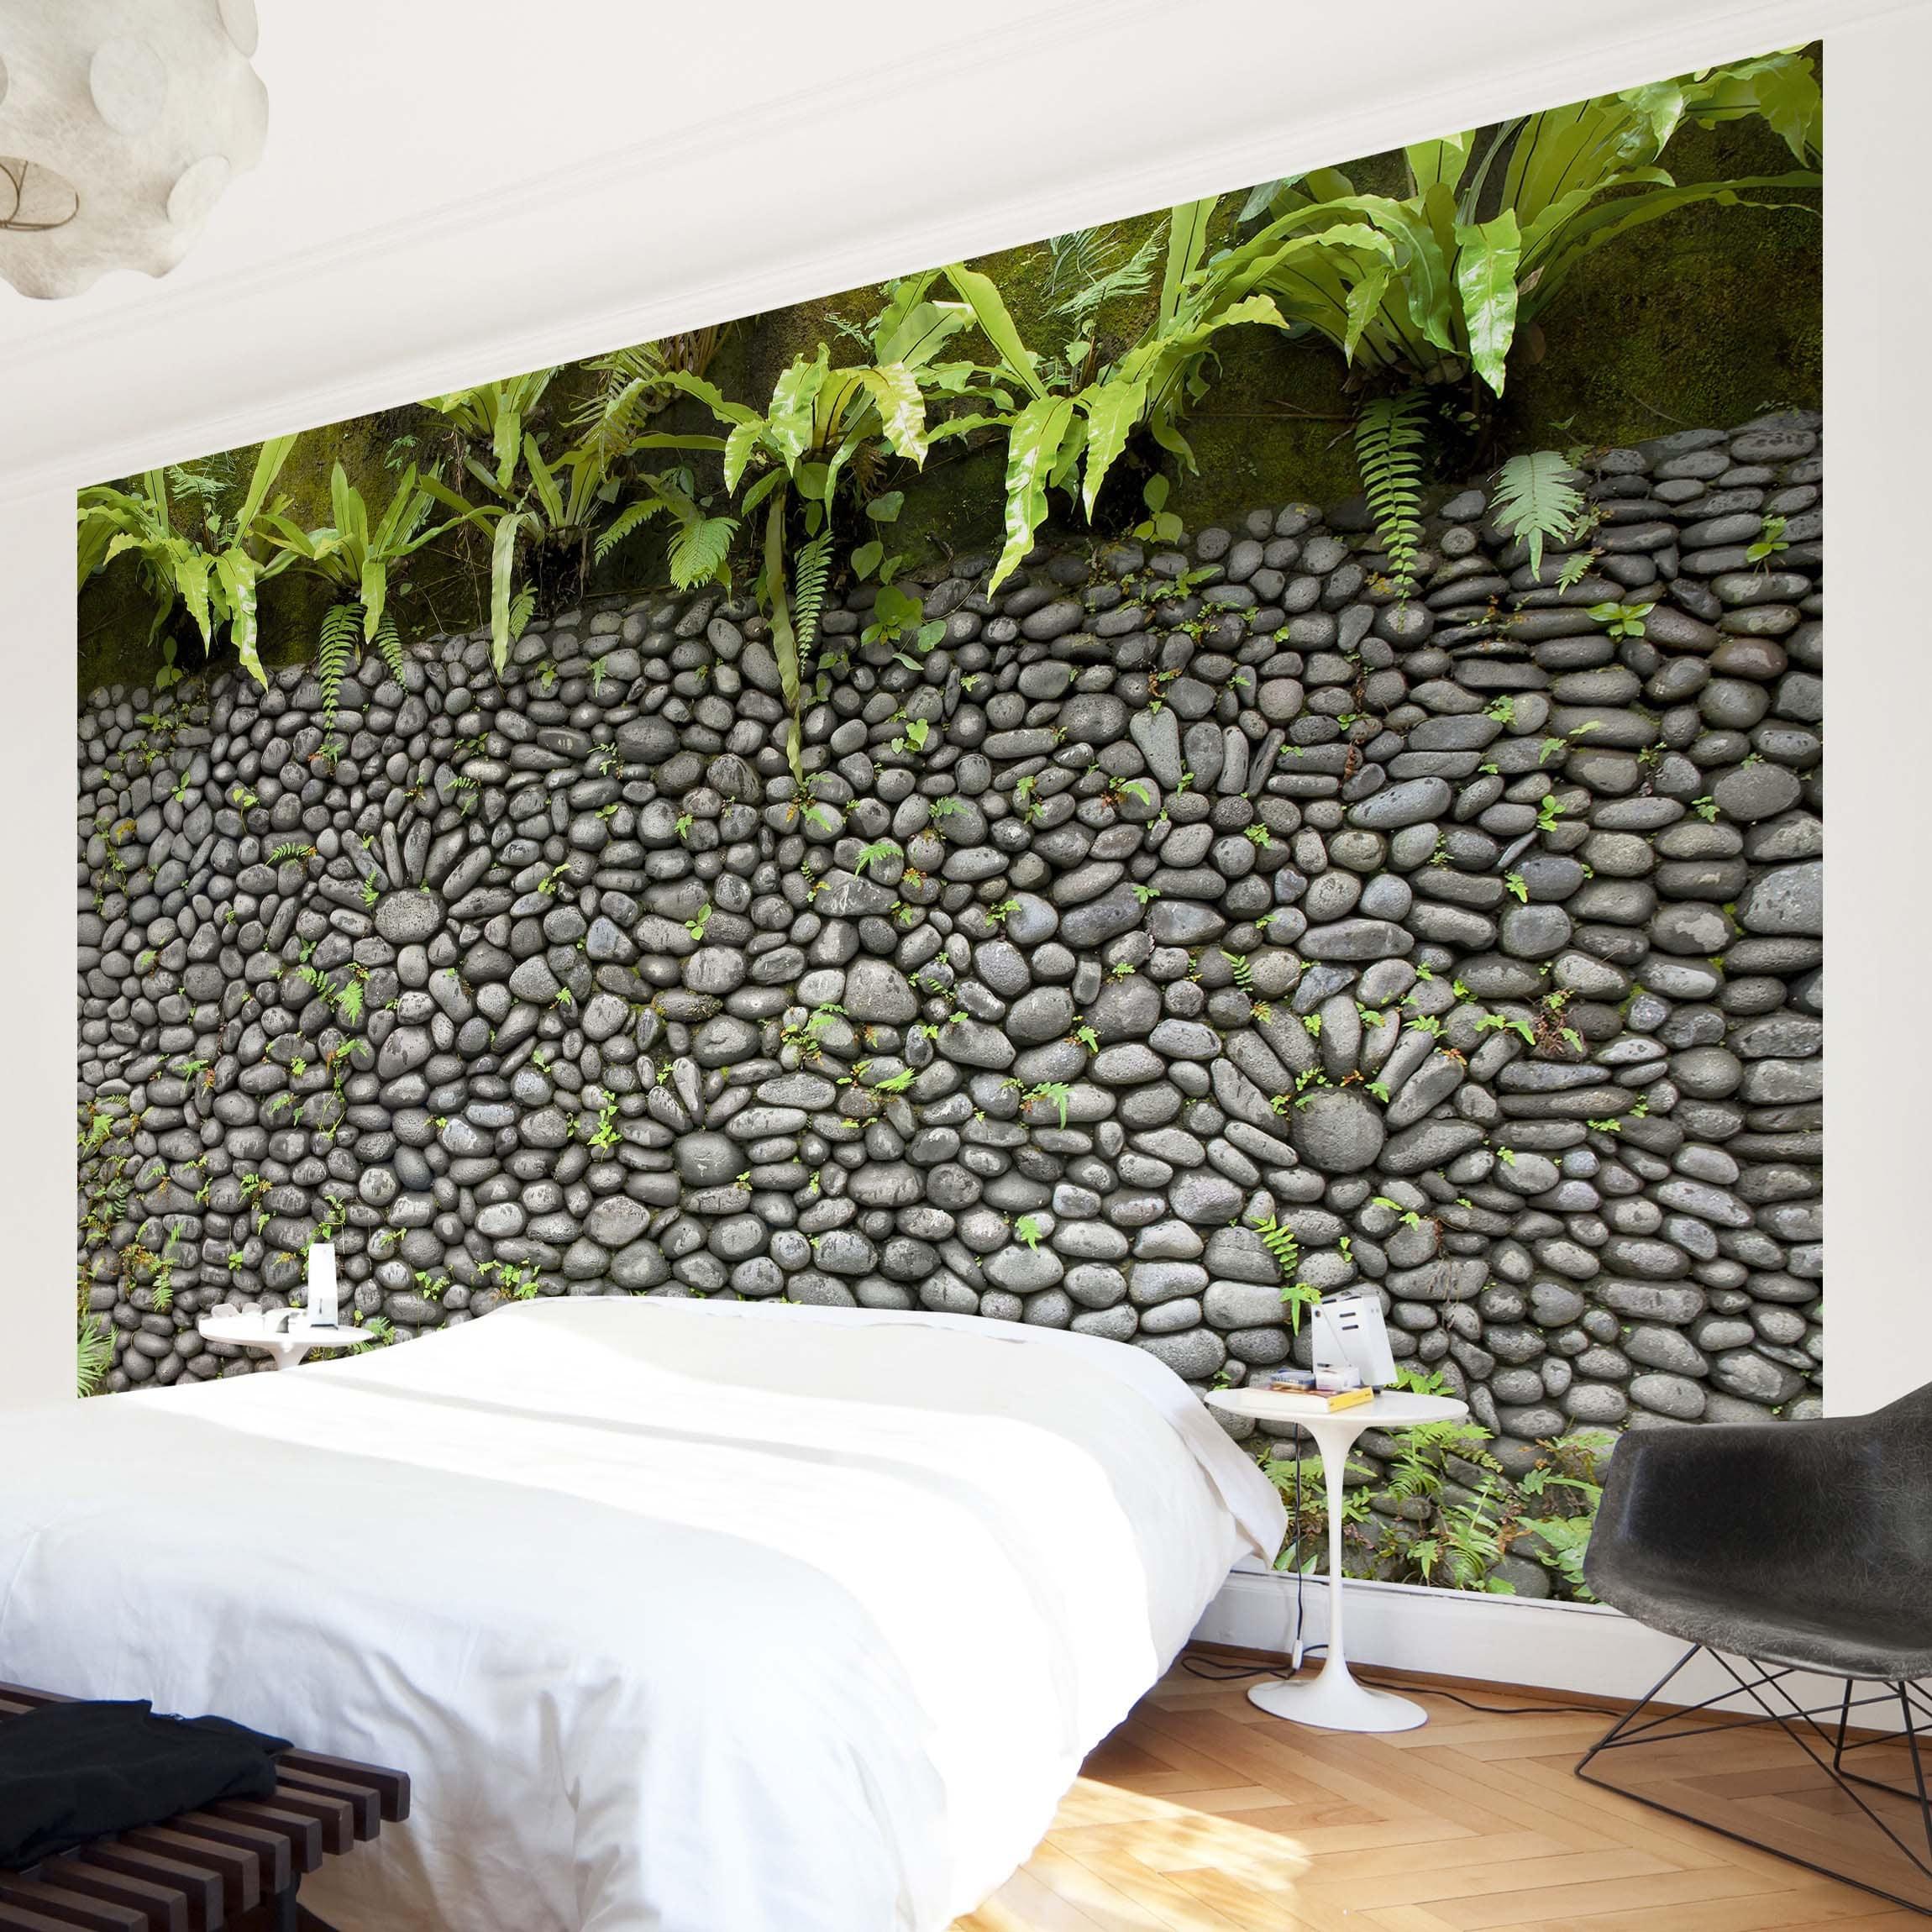 tapete selbstklebend steinwand mit pflanzen wandbild querformat. Black Bedroom Furniture Sets. Home Design Ideas